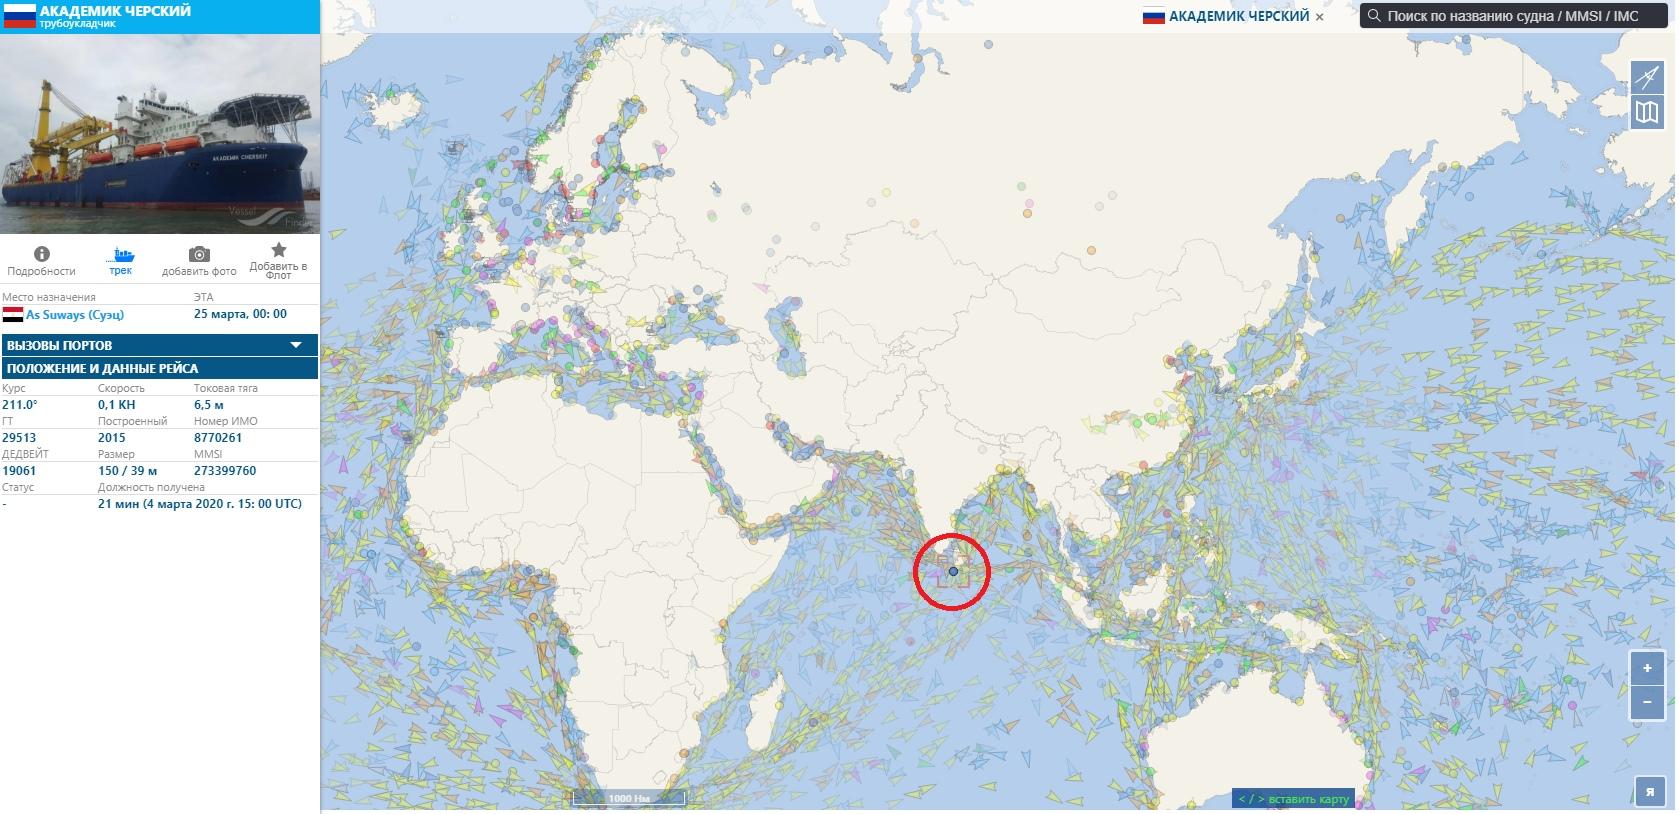 Российский трубоукладчик Академик Черский двигается в сторону Балтийского моря.